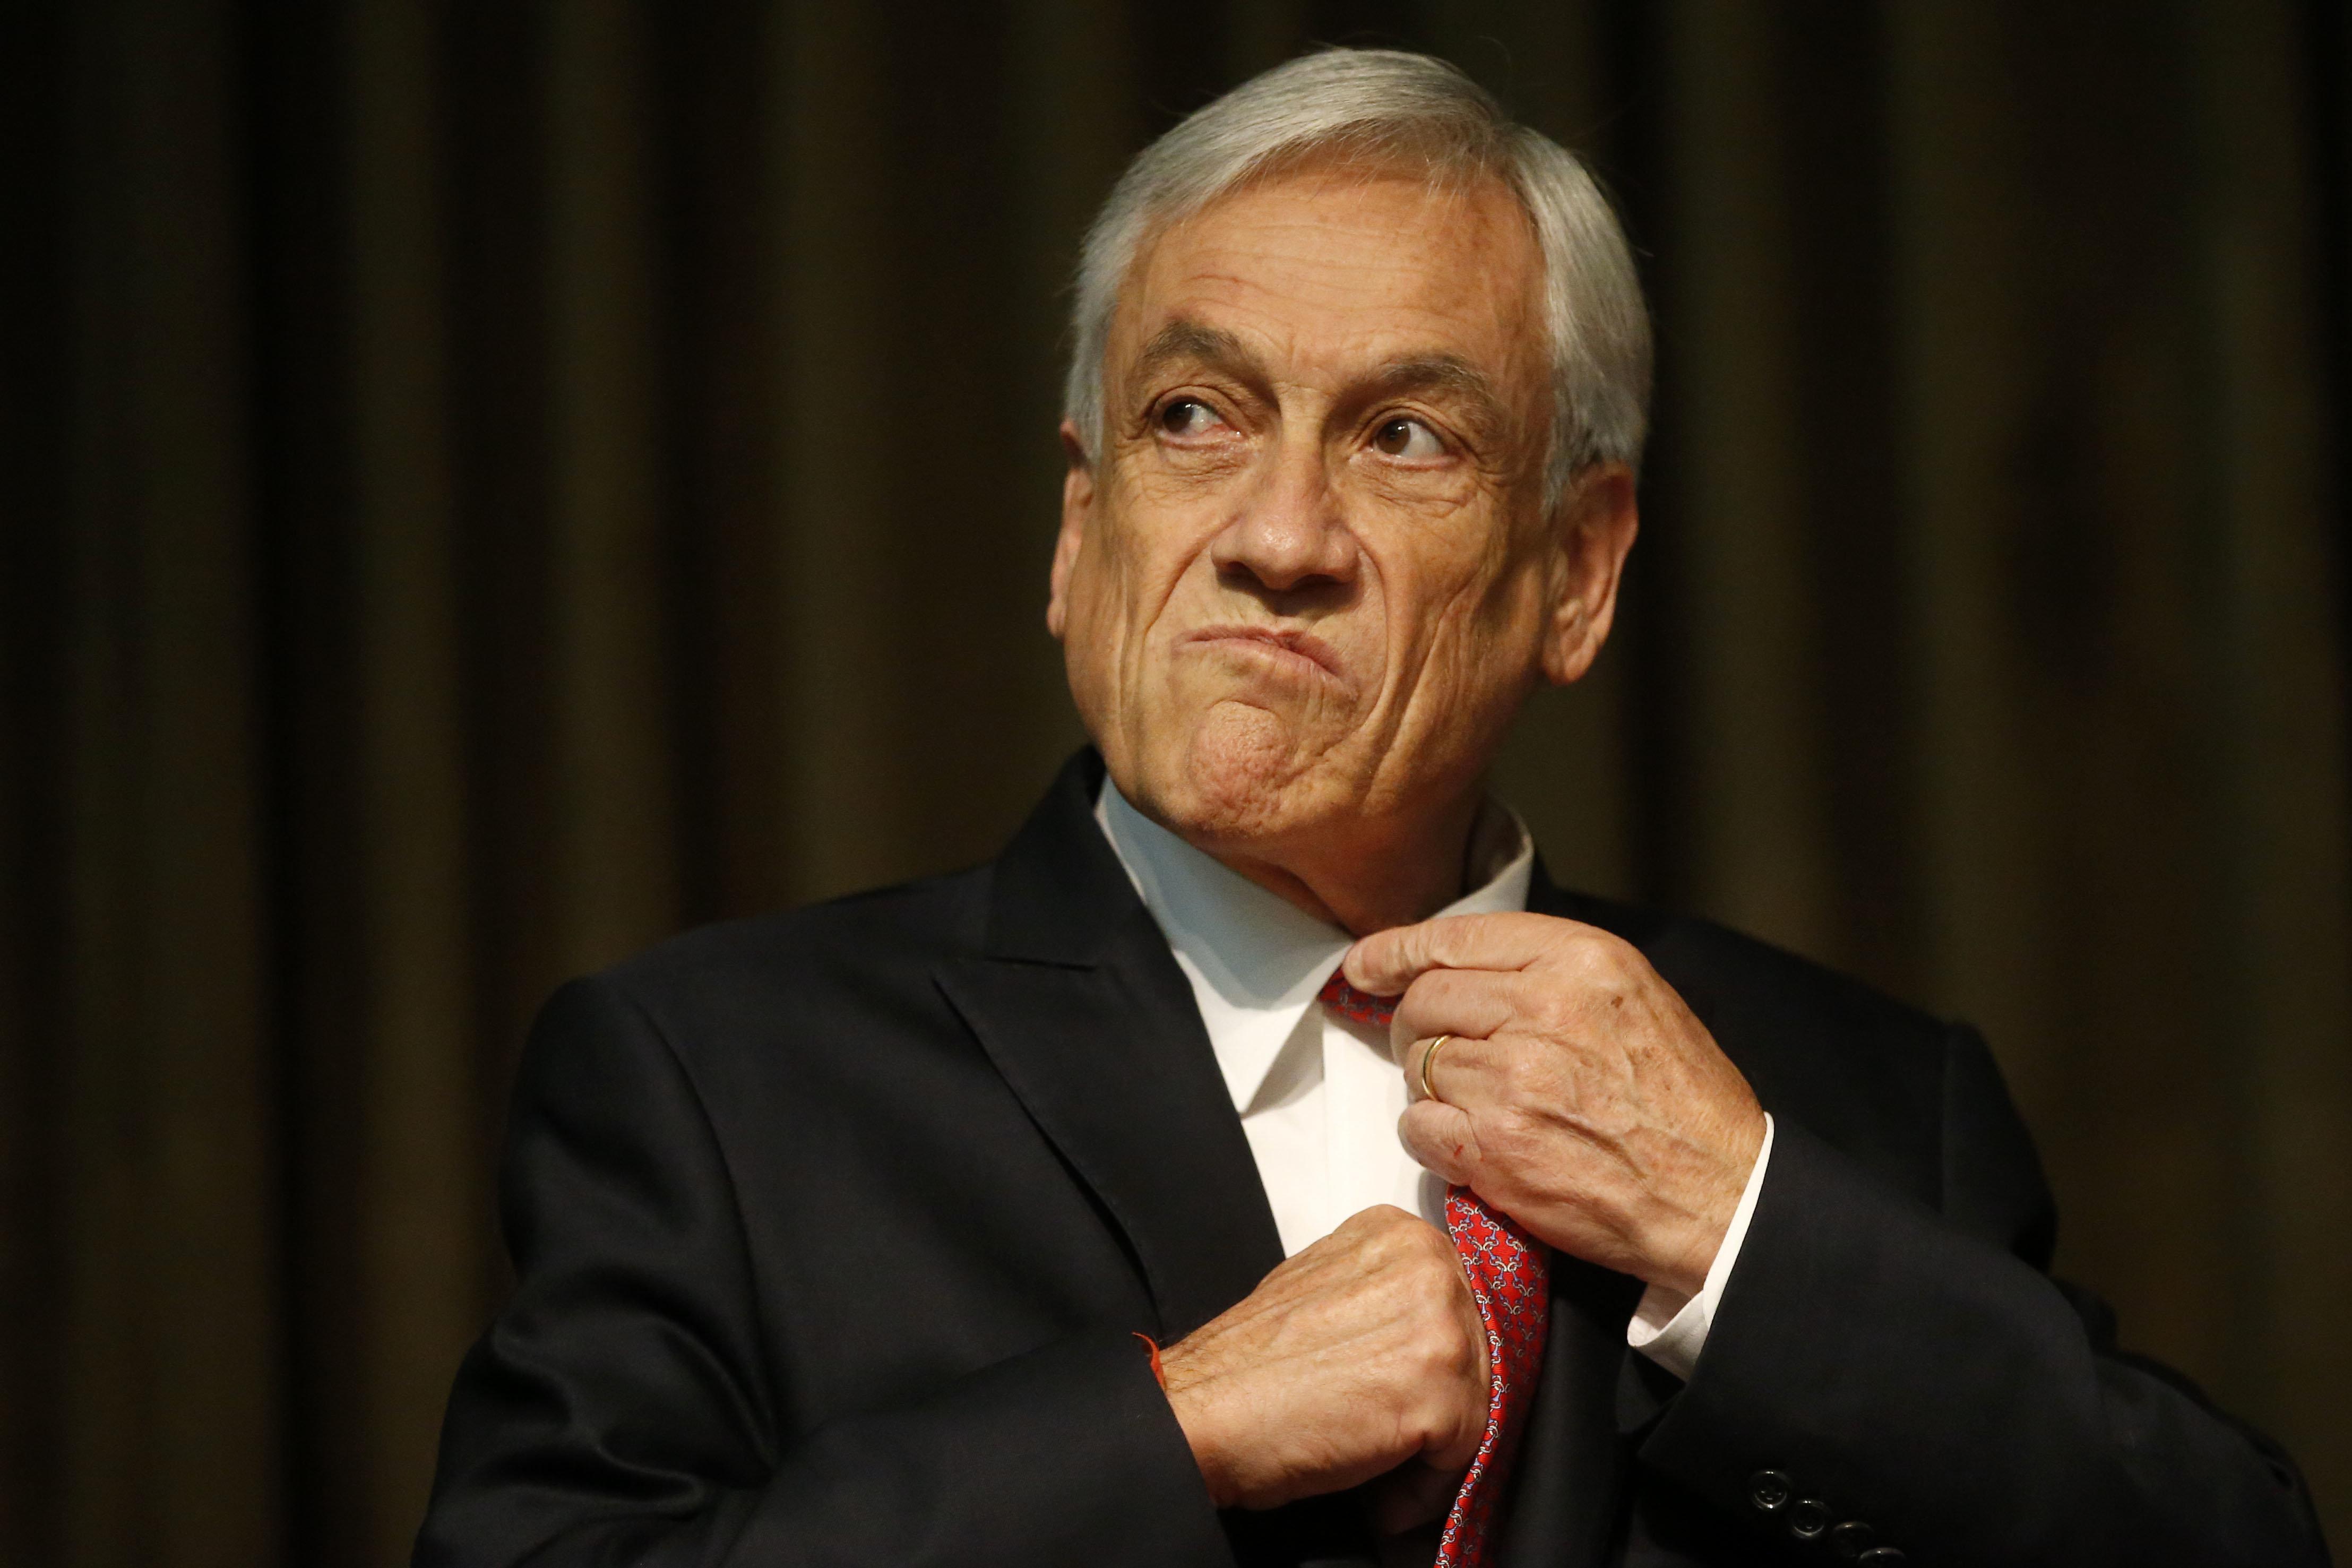 Piñera utiliza la agresión contra Venezuela como puente para liderar la derecha latinoamericana